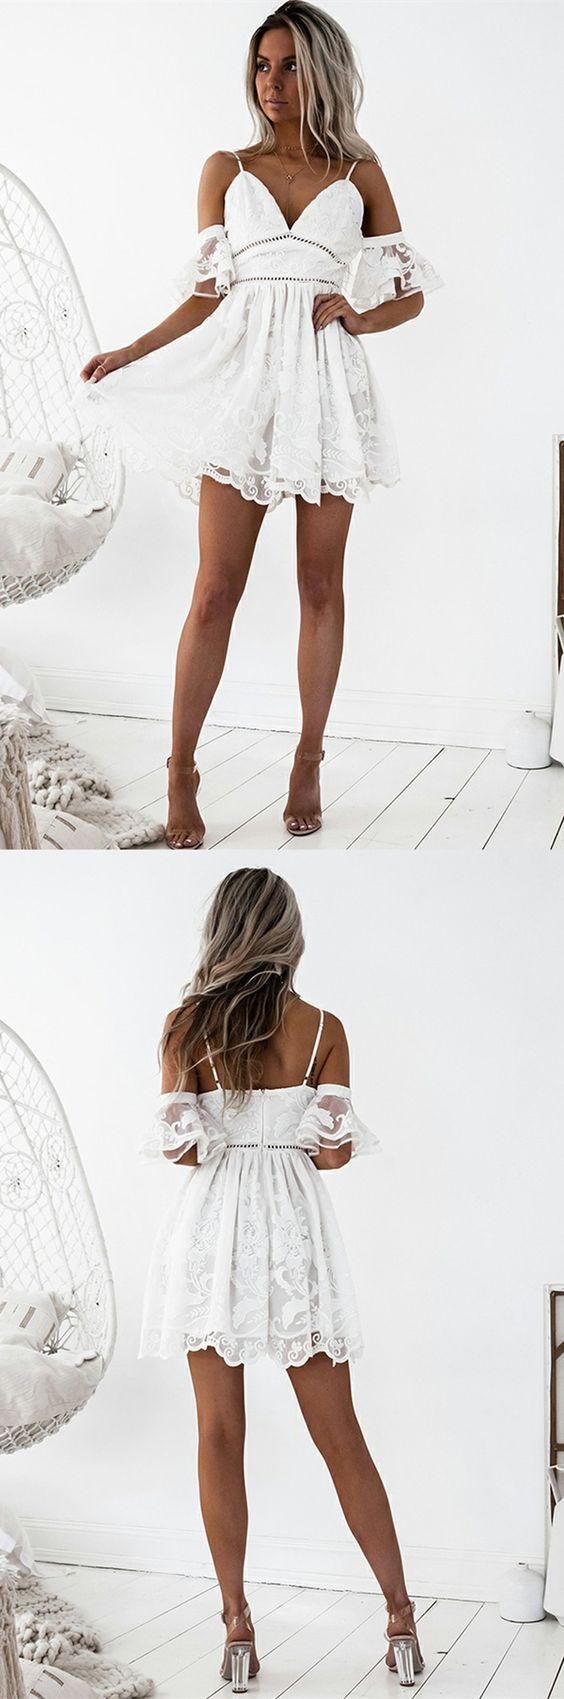 A字形意大利面条带短款白色蕾丝回家连衣裙,荷叶边